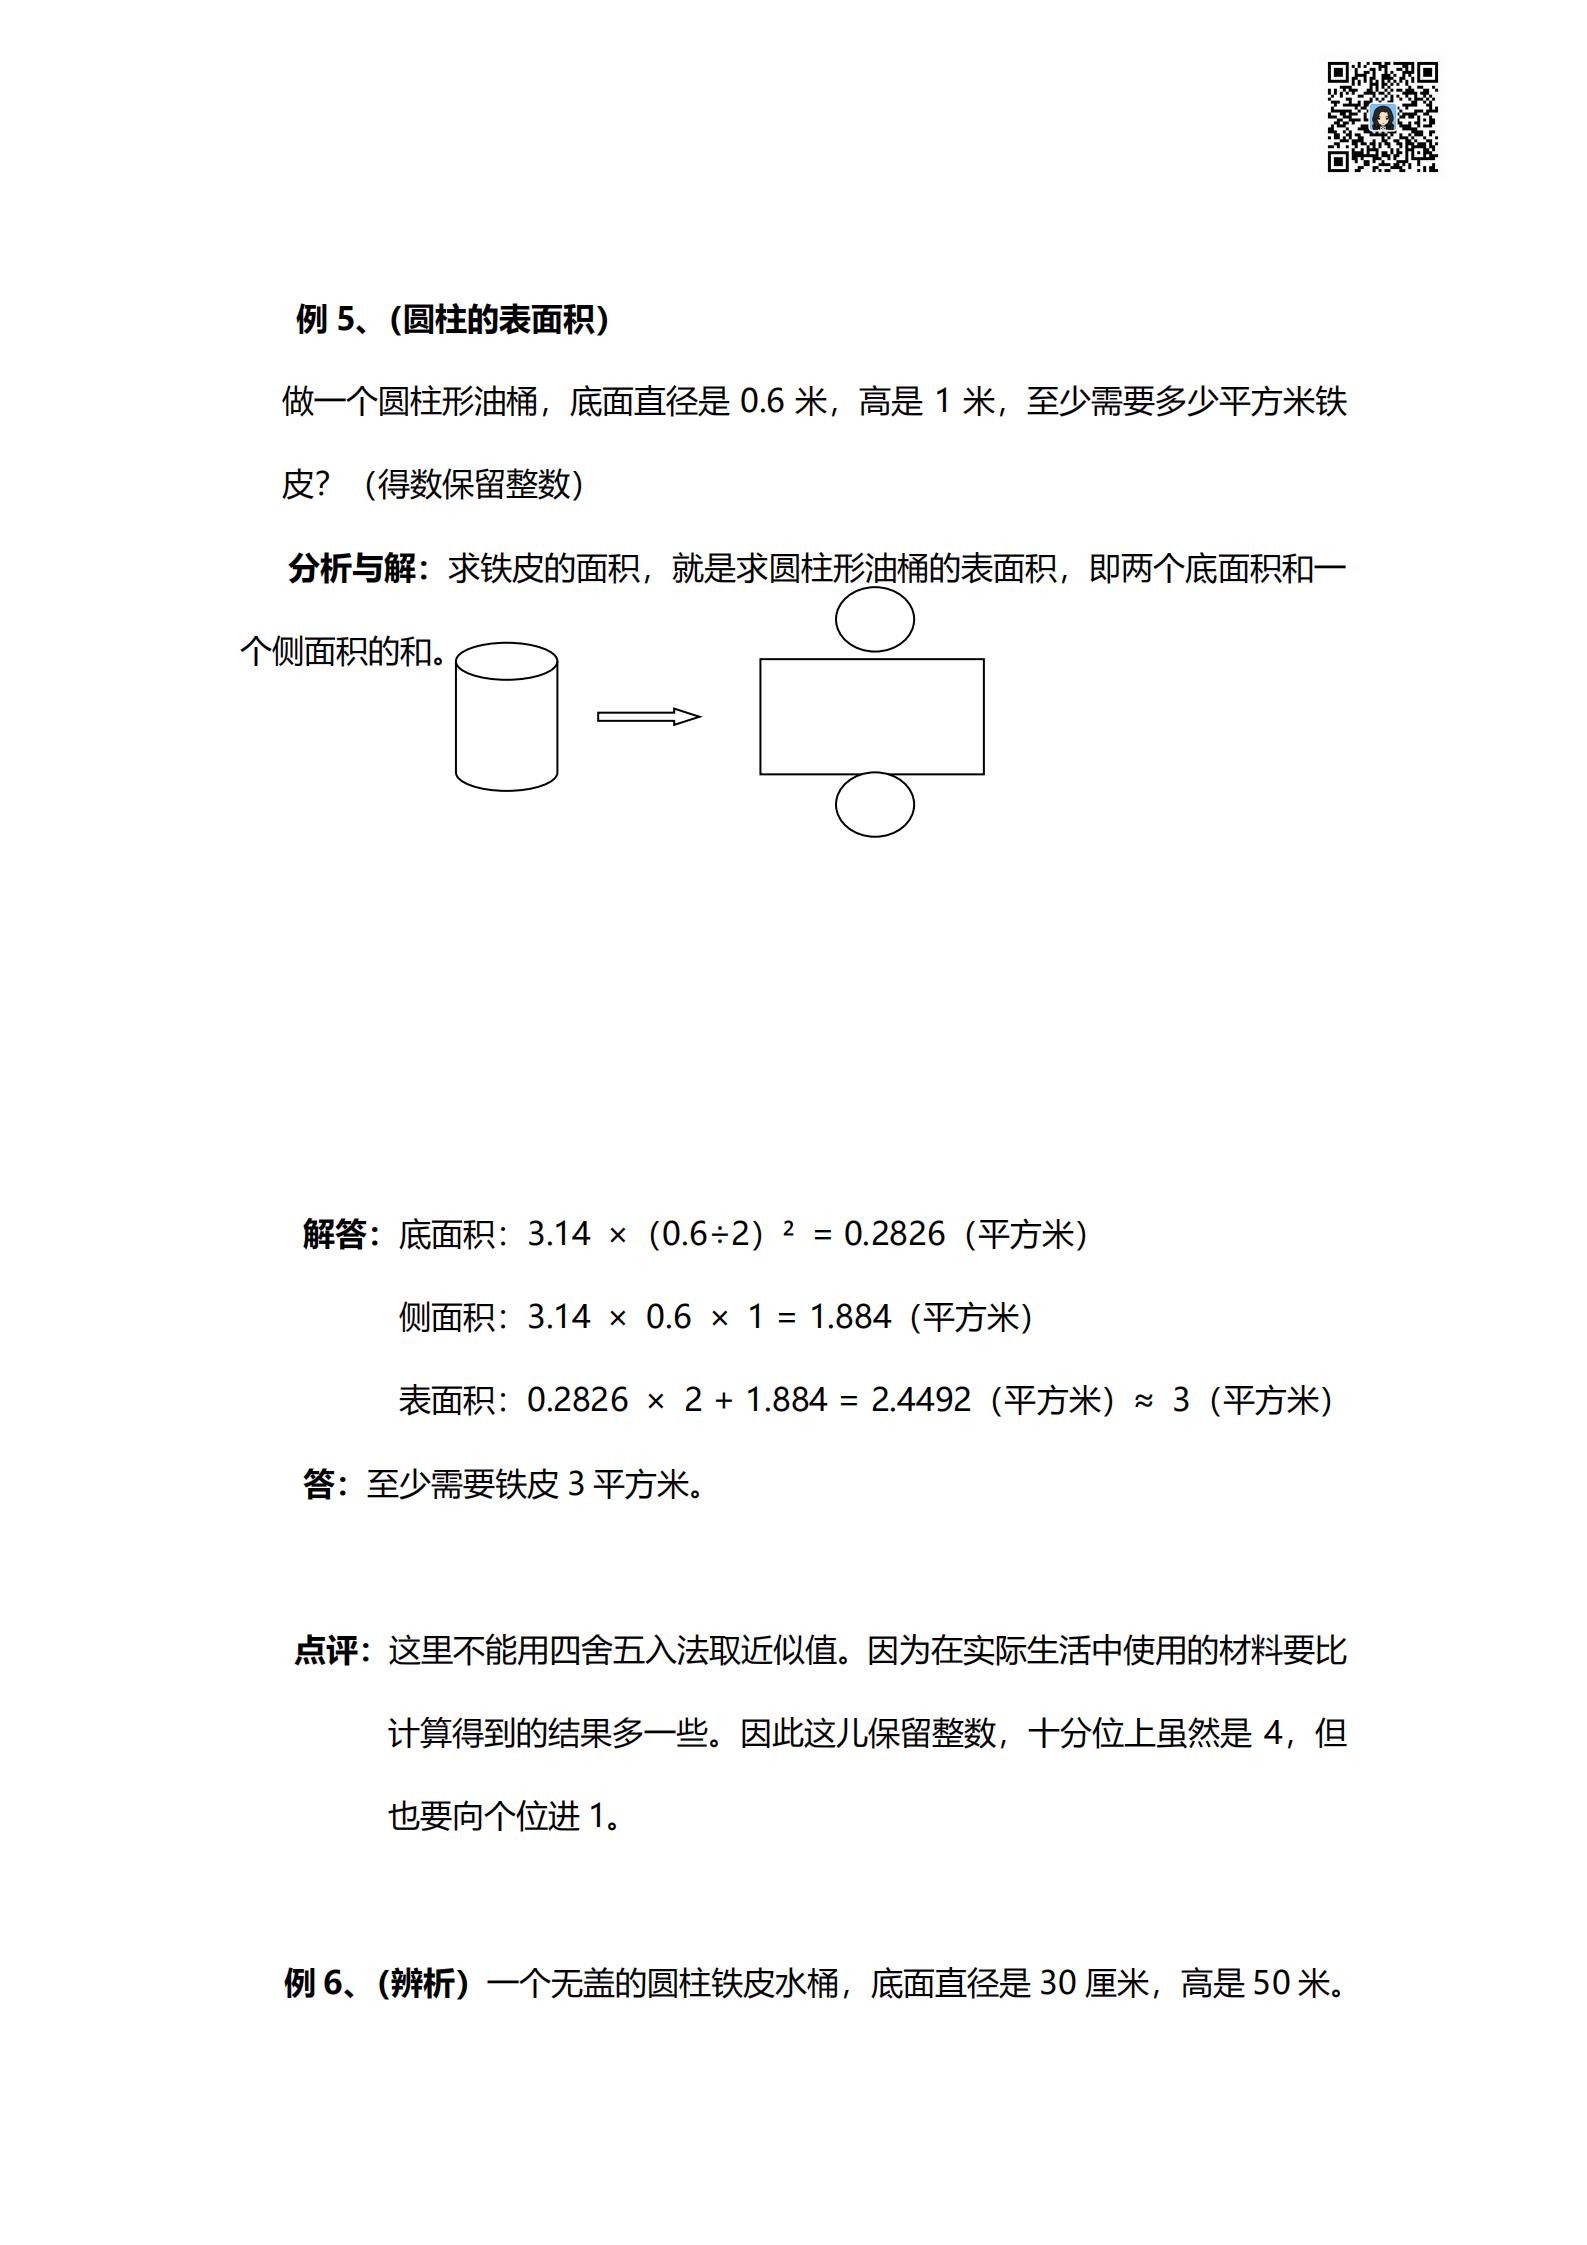 【数学】高频考点-四大专题知识点精选题_04.png